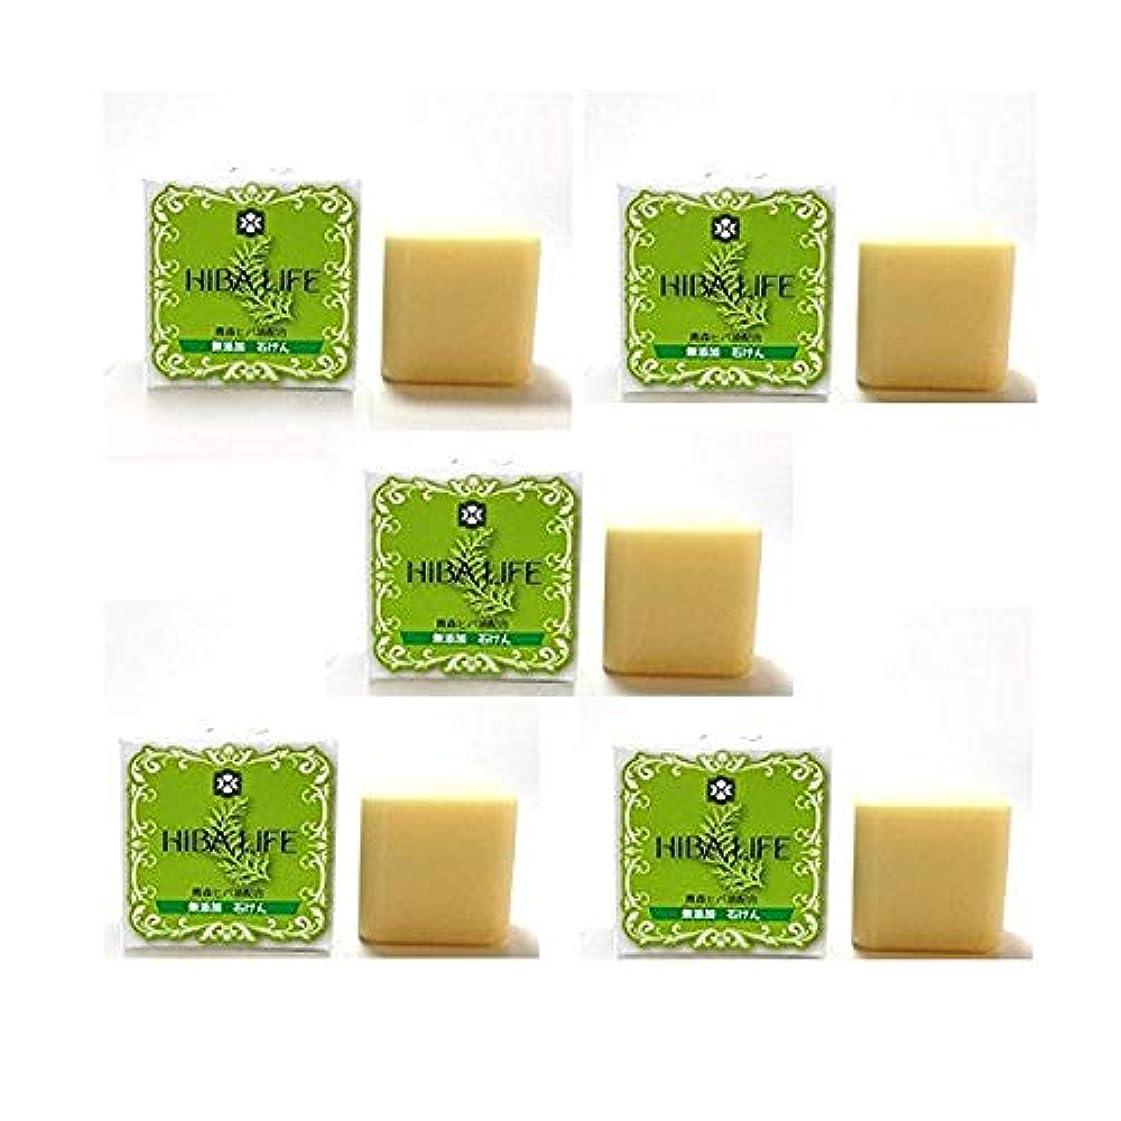 ベストエージェントストレスの多いヒバ石鹸 ひばの森化粧石鹸5個セット(100g×5個) 青森ヒバ精油配合の無添加ひば石鹸